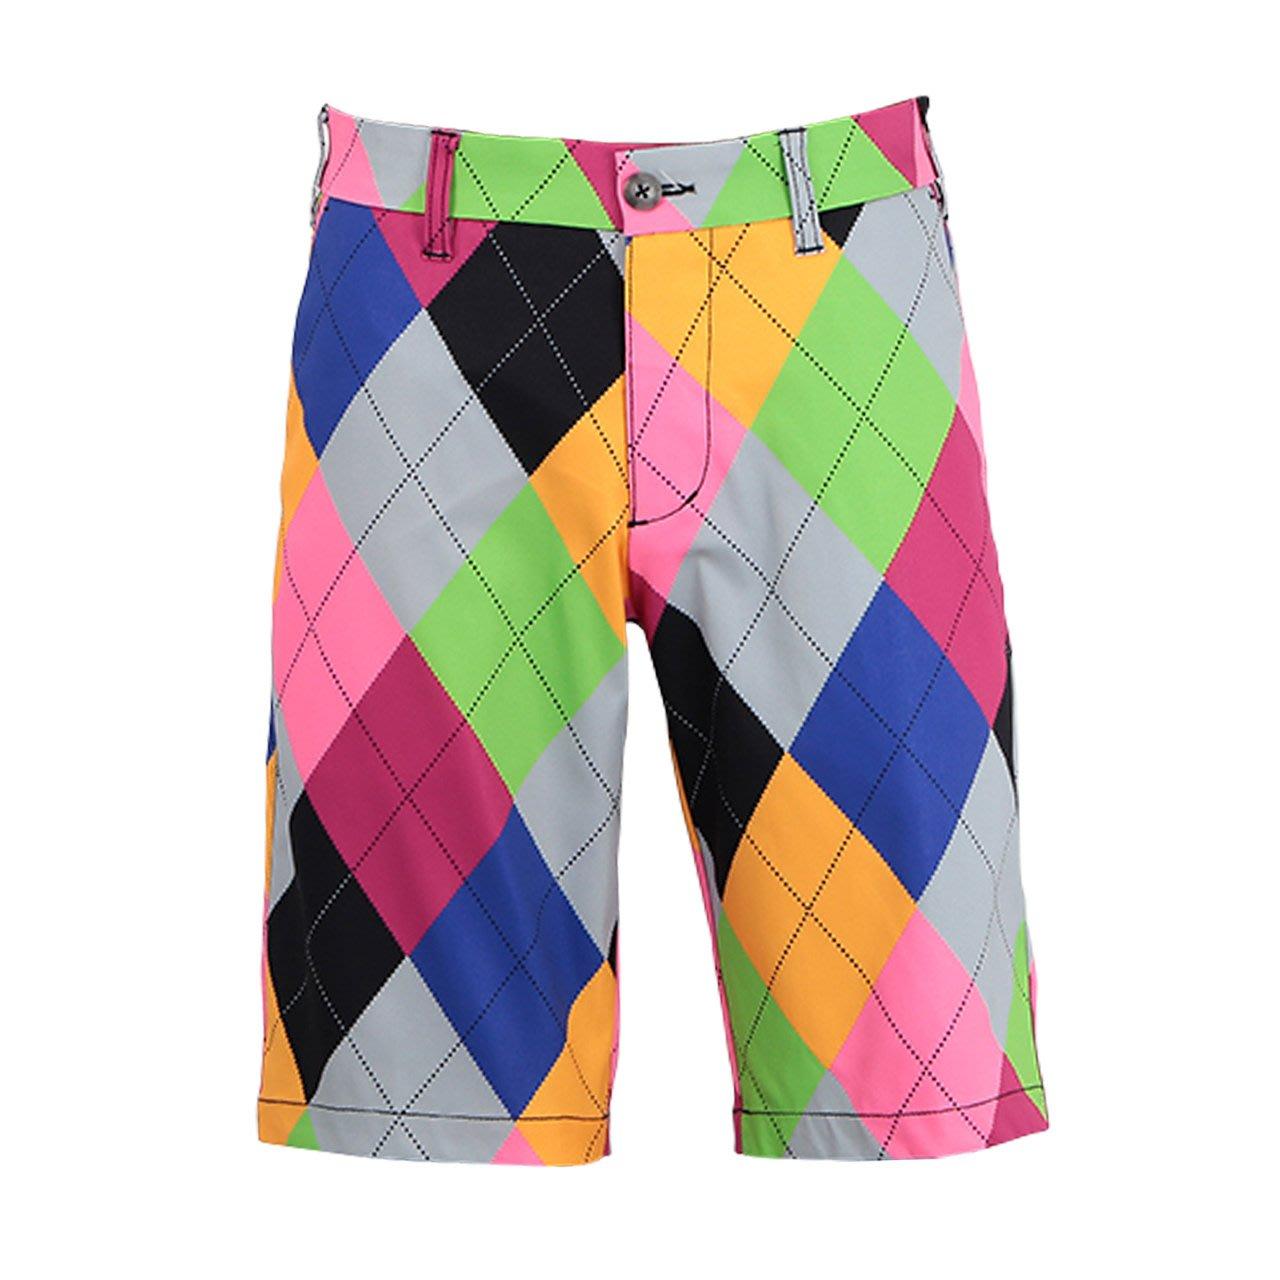 100%正品日本原裝進口LoudMouth當季最新高爾夫短褲 彩色菱格